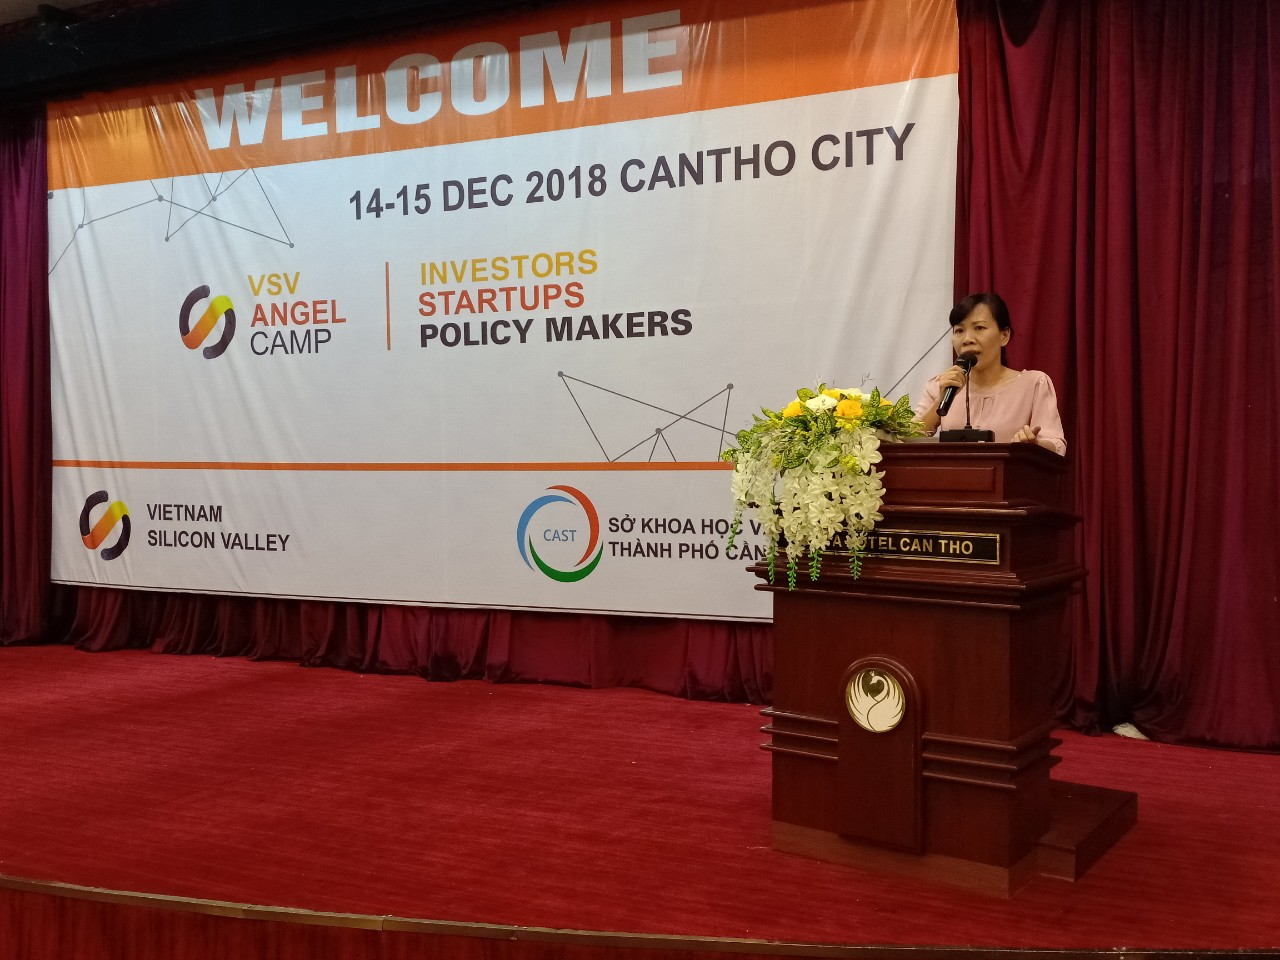 Bà Trần Hoài Phương, Phó giám đốc Sở KH&CN TP Cần Thơ phát biểu